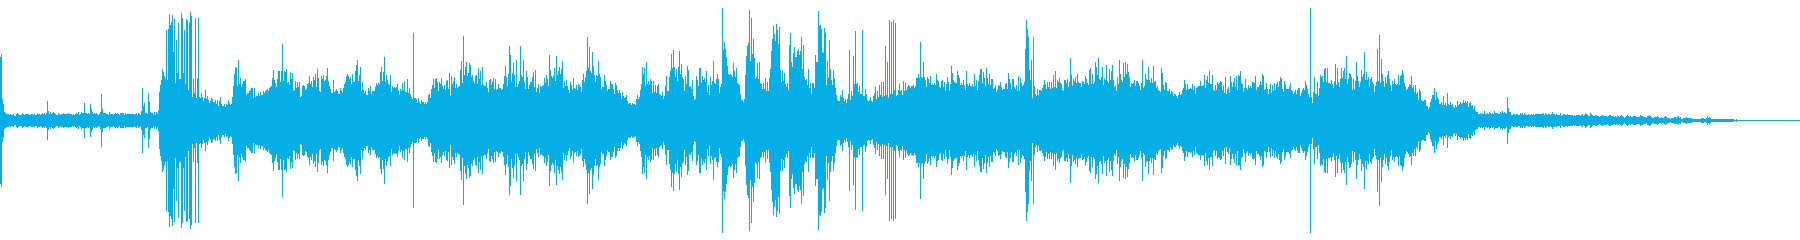 カッター、モダン、ランニング、ワー...の再生済みの波形